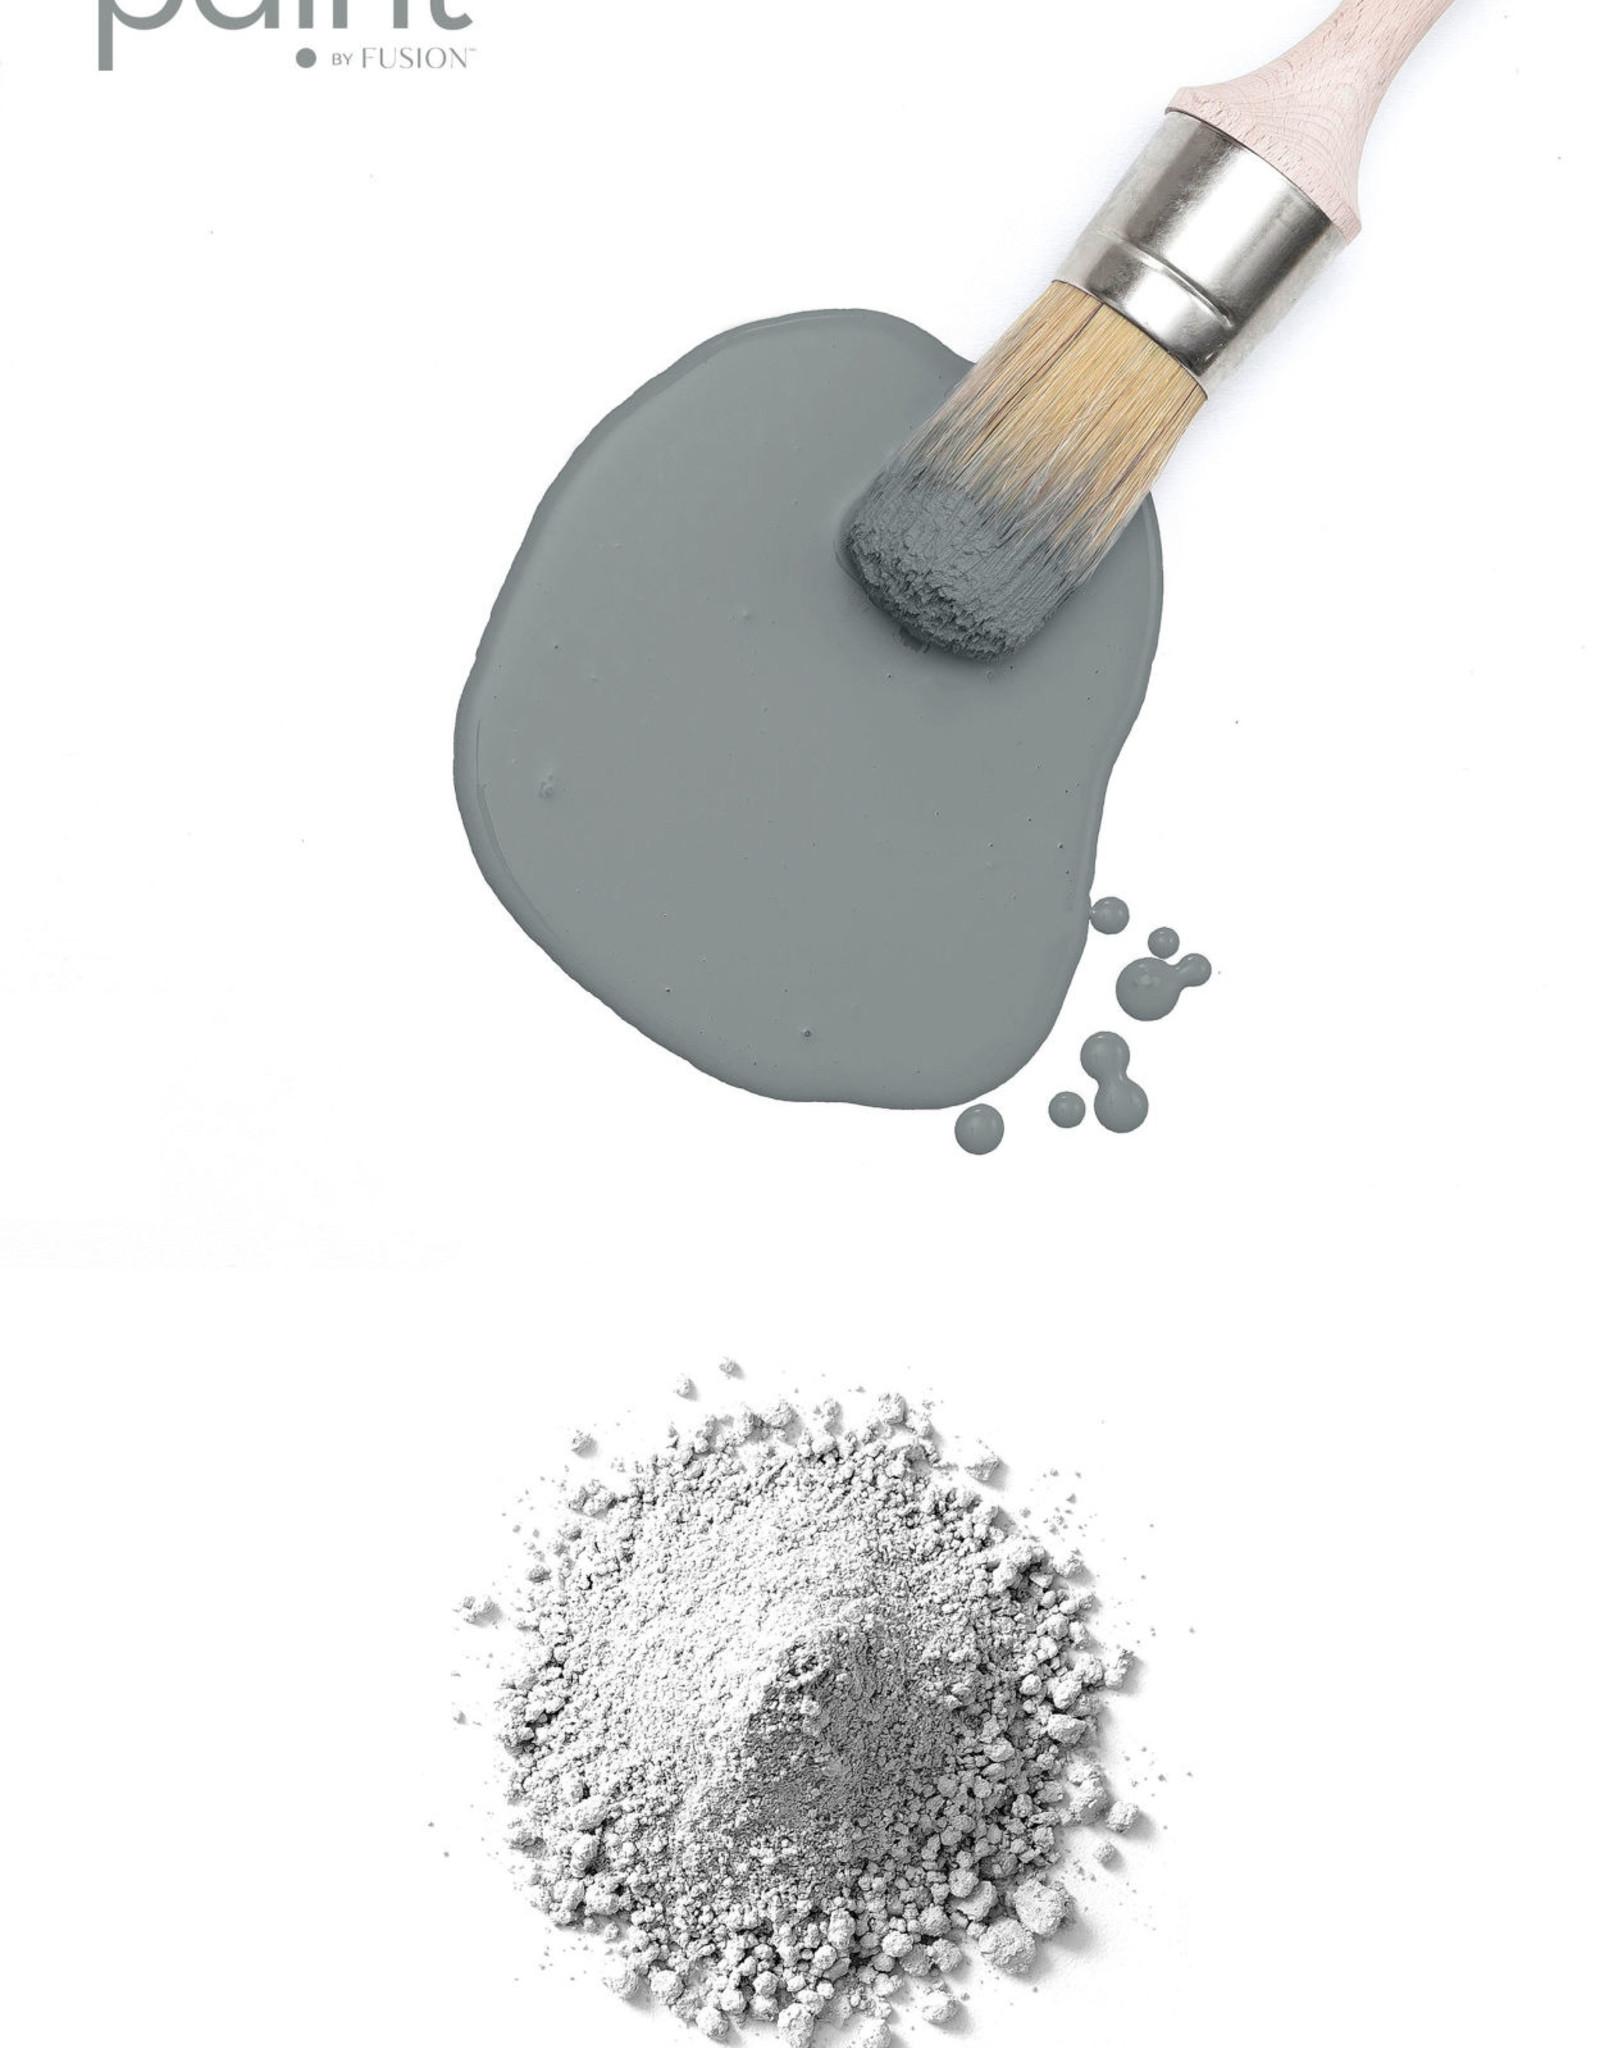 Fusion Mineral Paint Milk Paint 50g Gotham Grey